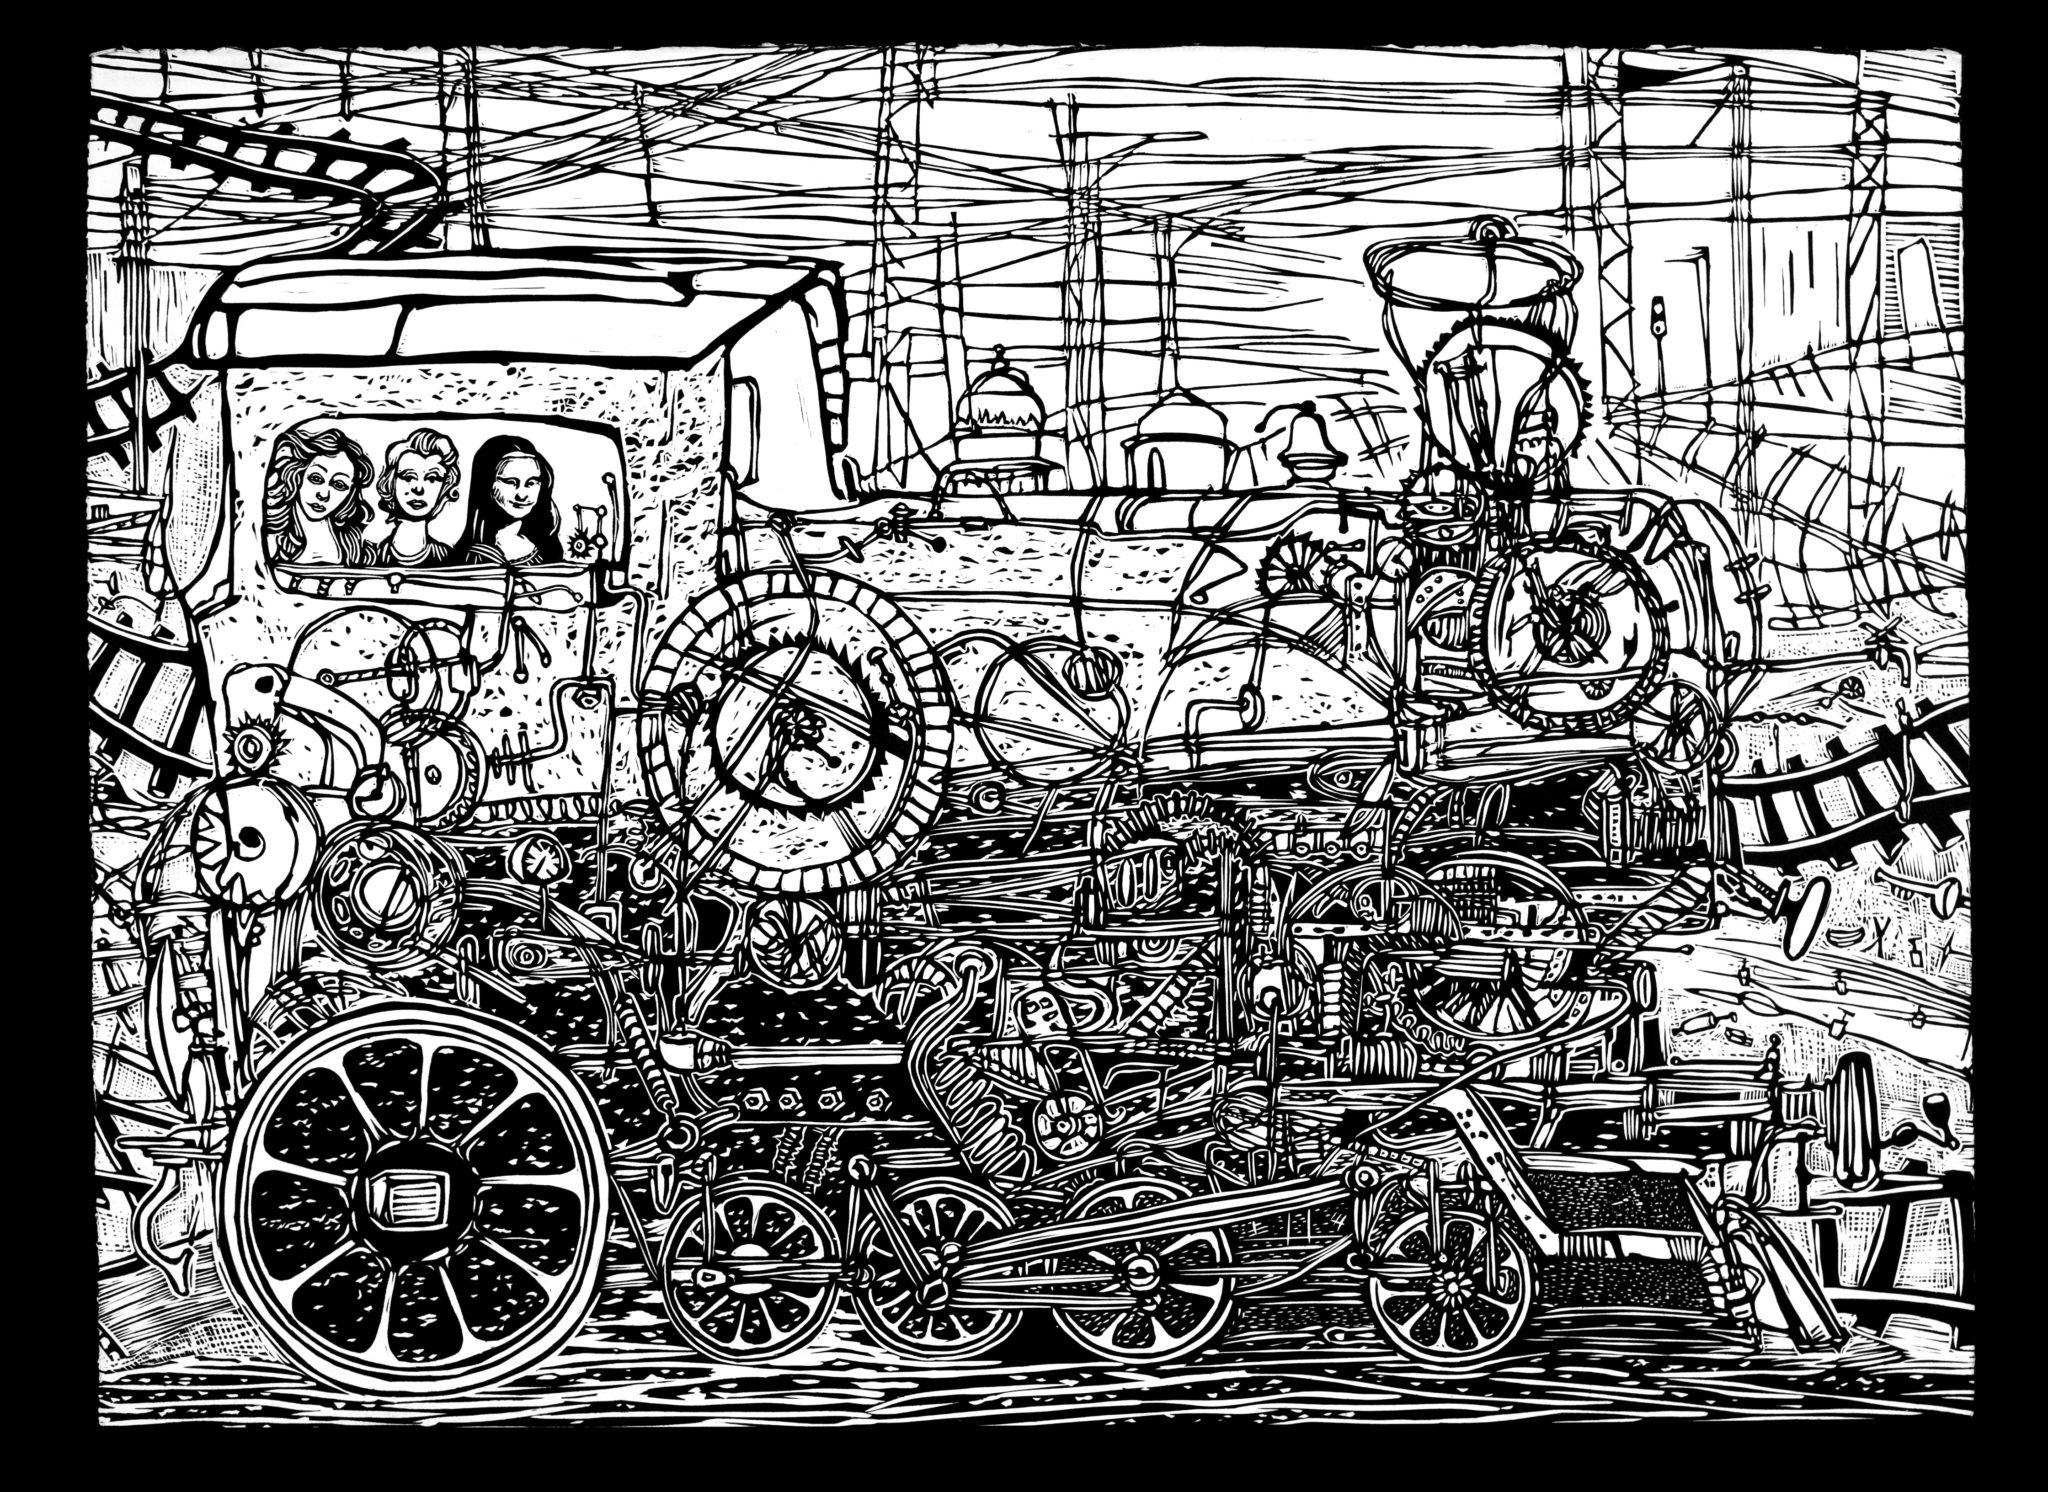 Linoryt Gracje w pociągu o wymiarach 100x70 cm